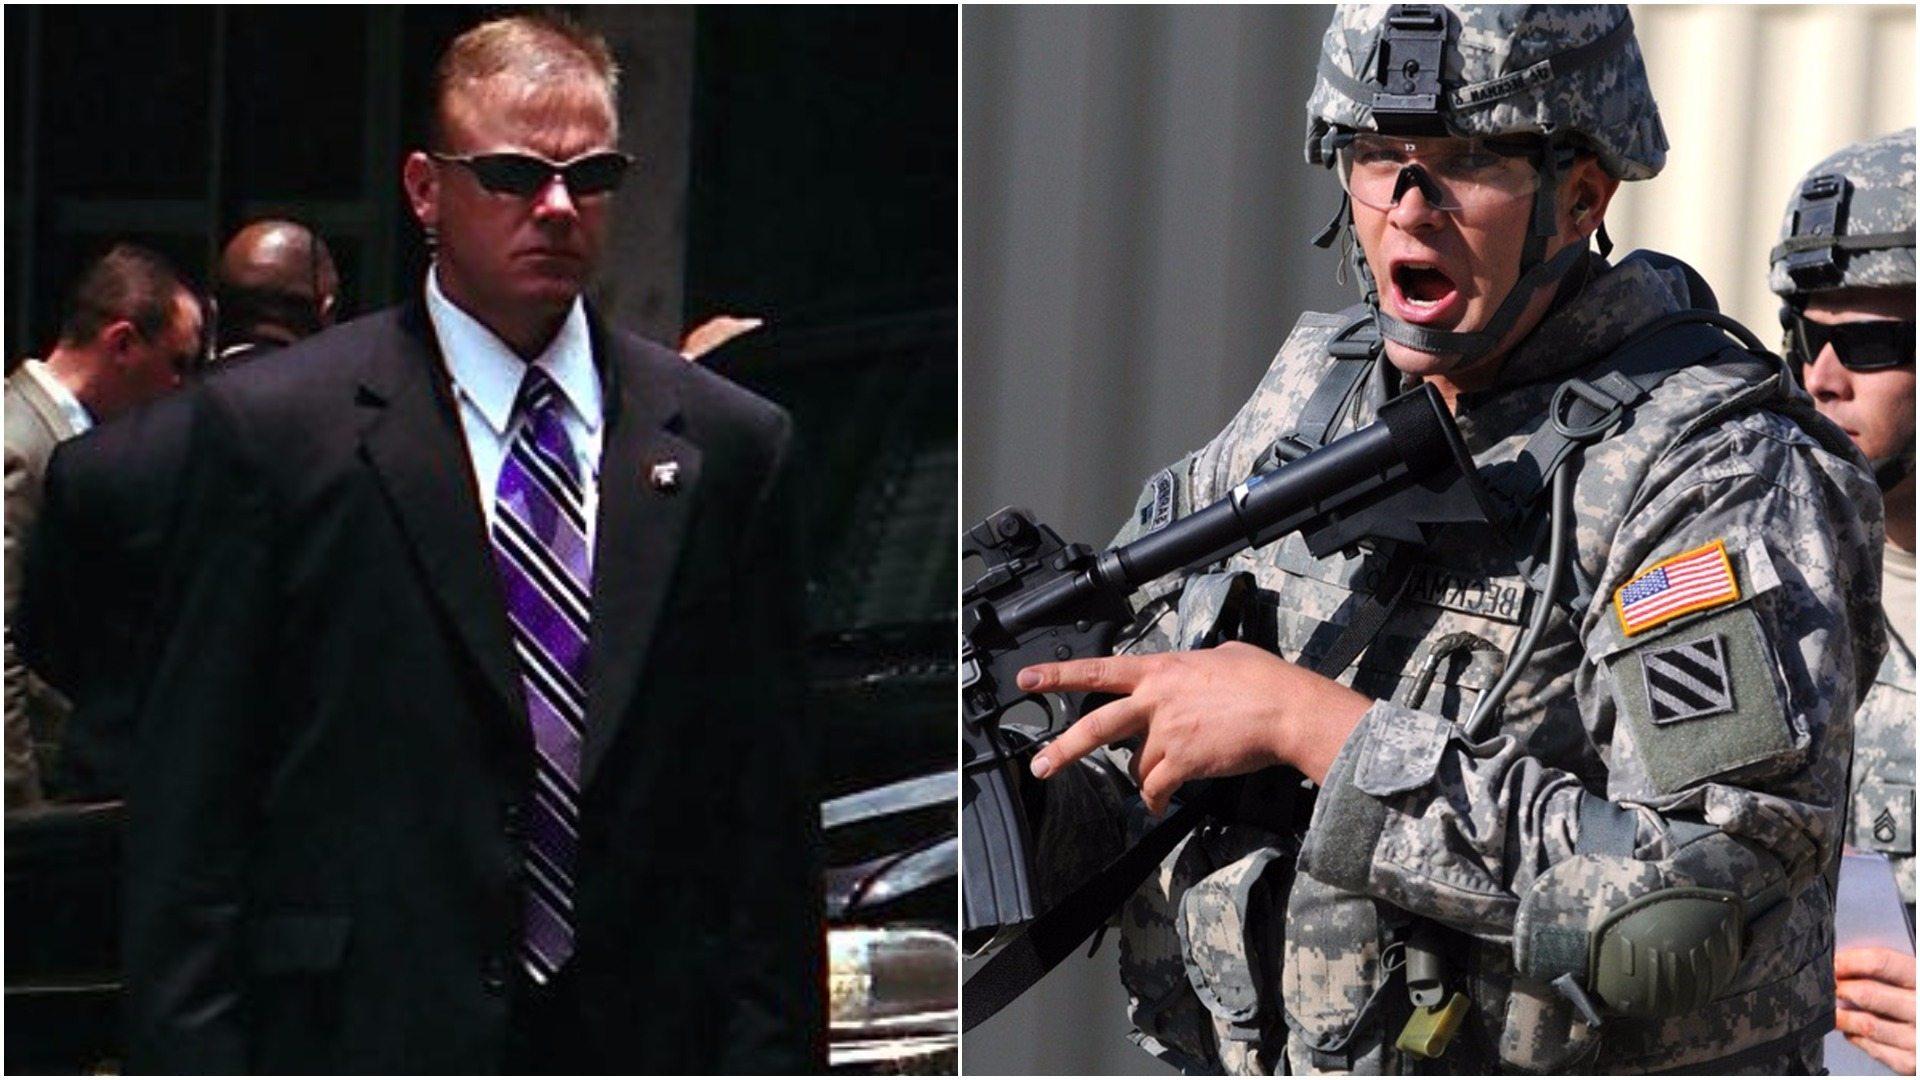 BOR przeszukuje amerykańskich żołnierzy. Znaleziono niebezpieczne narzędzie